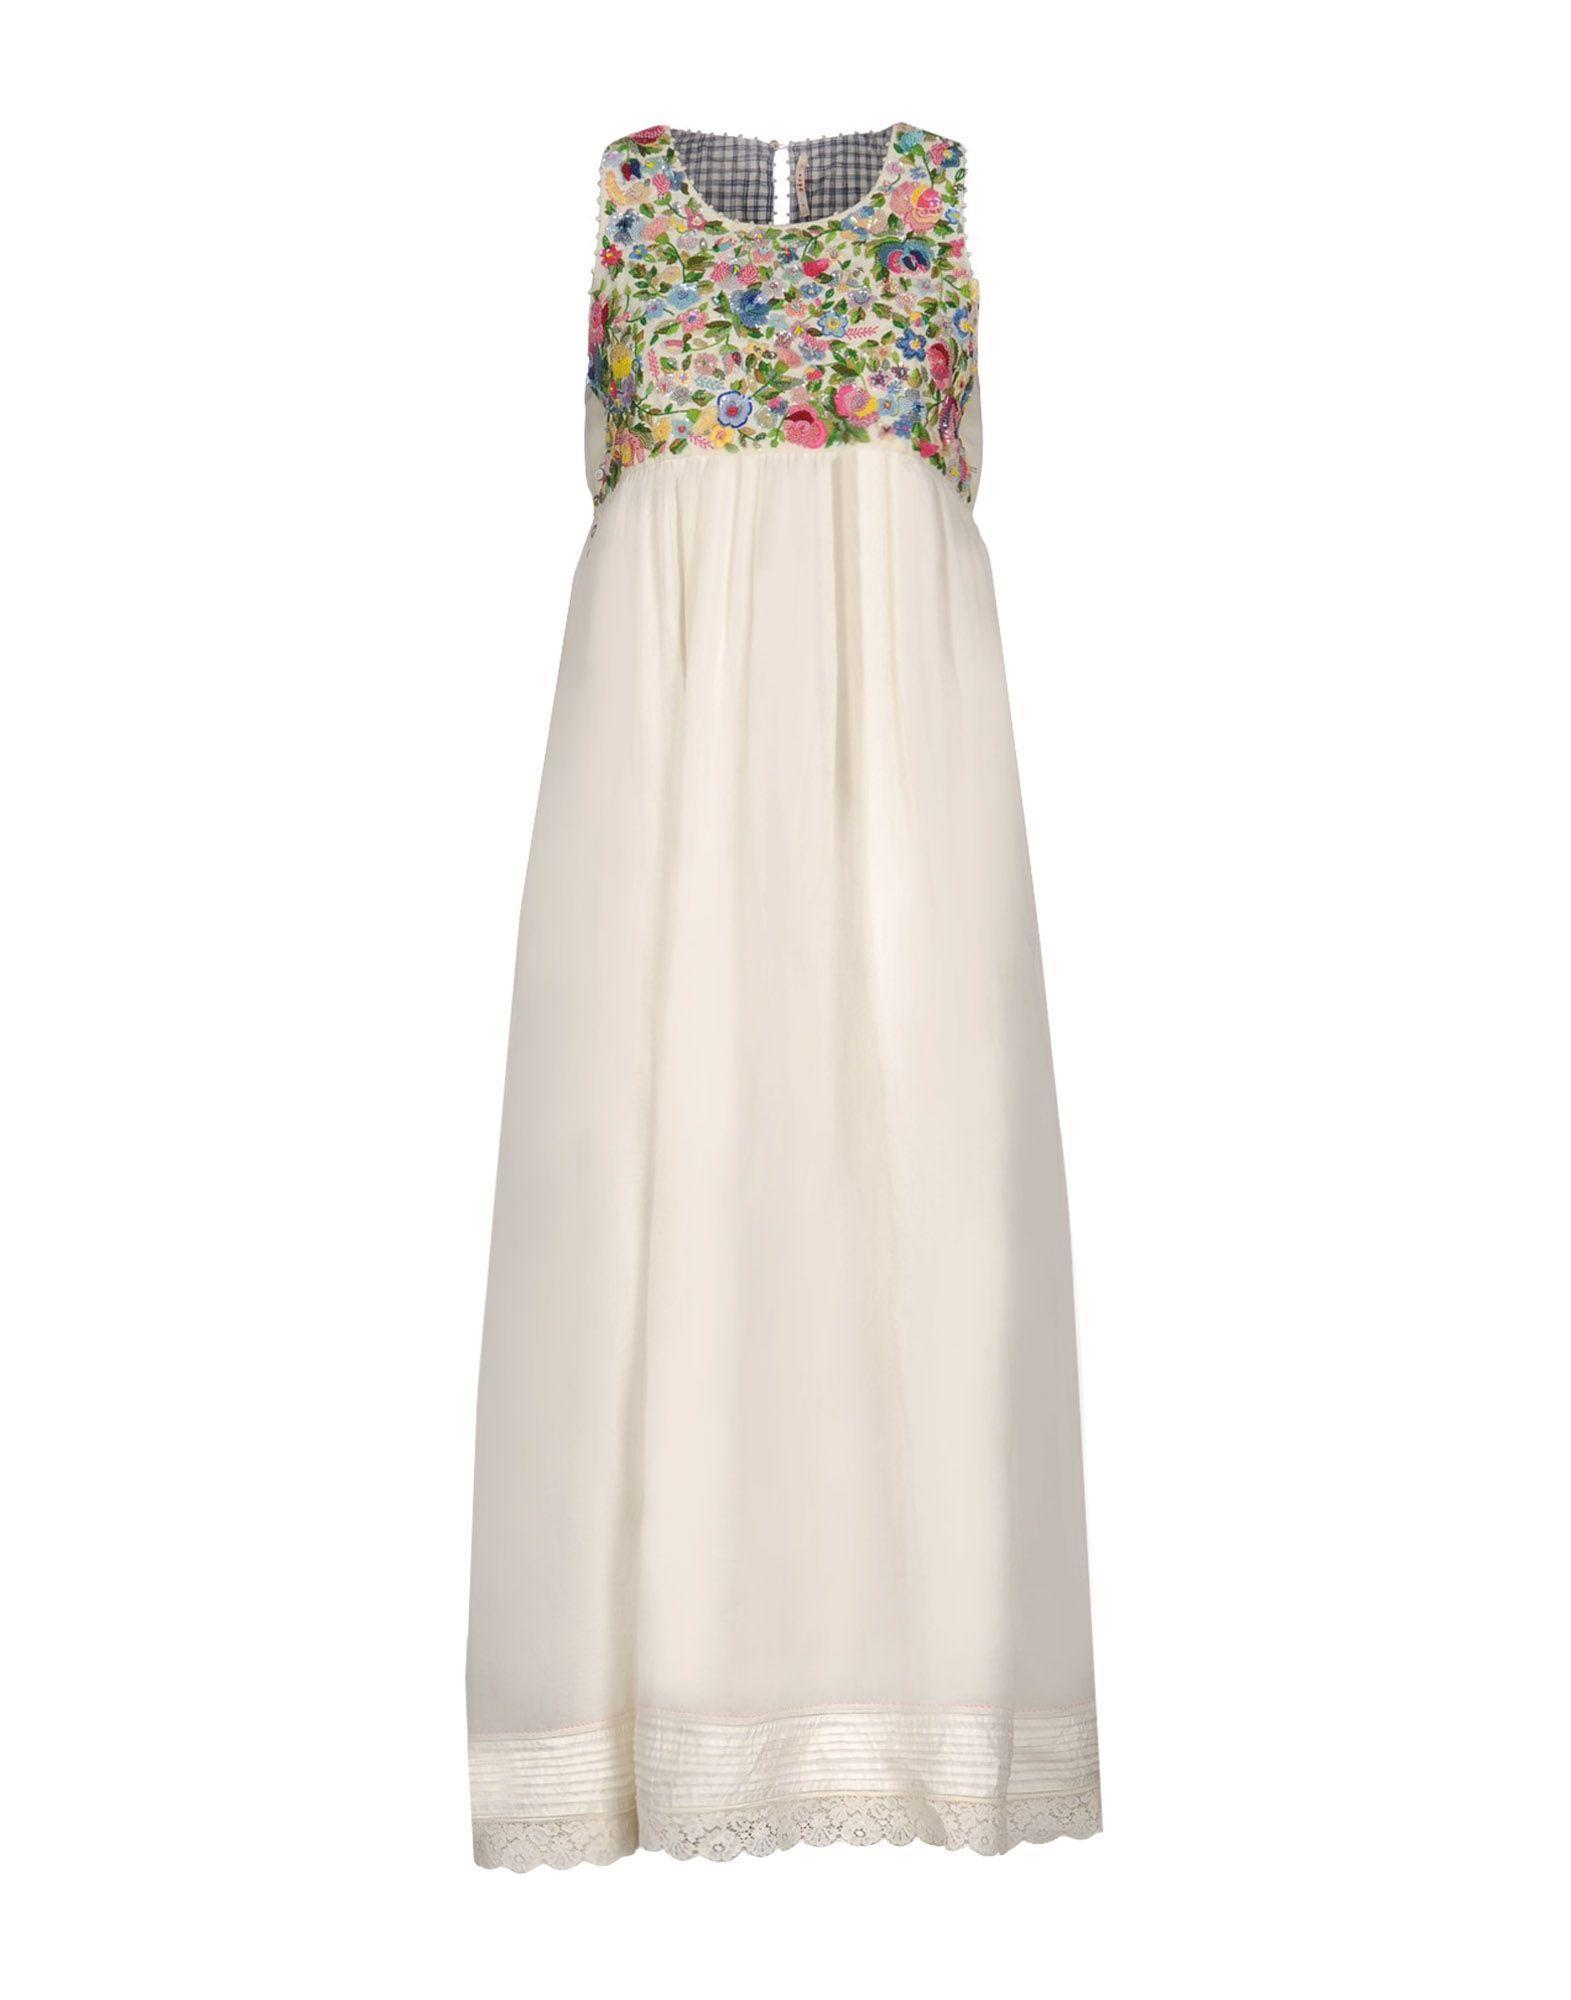 PÉro Long Dresses In Ivory